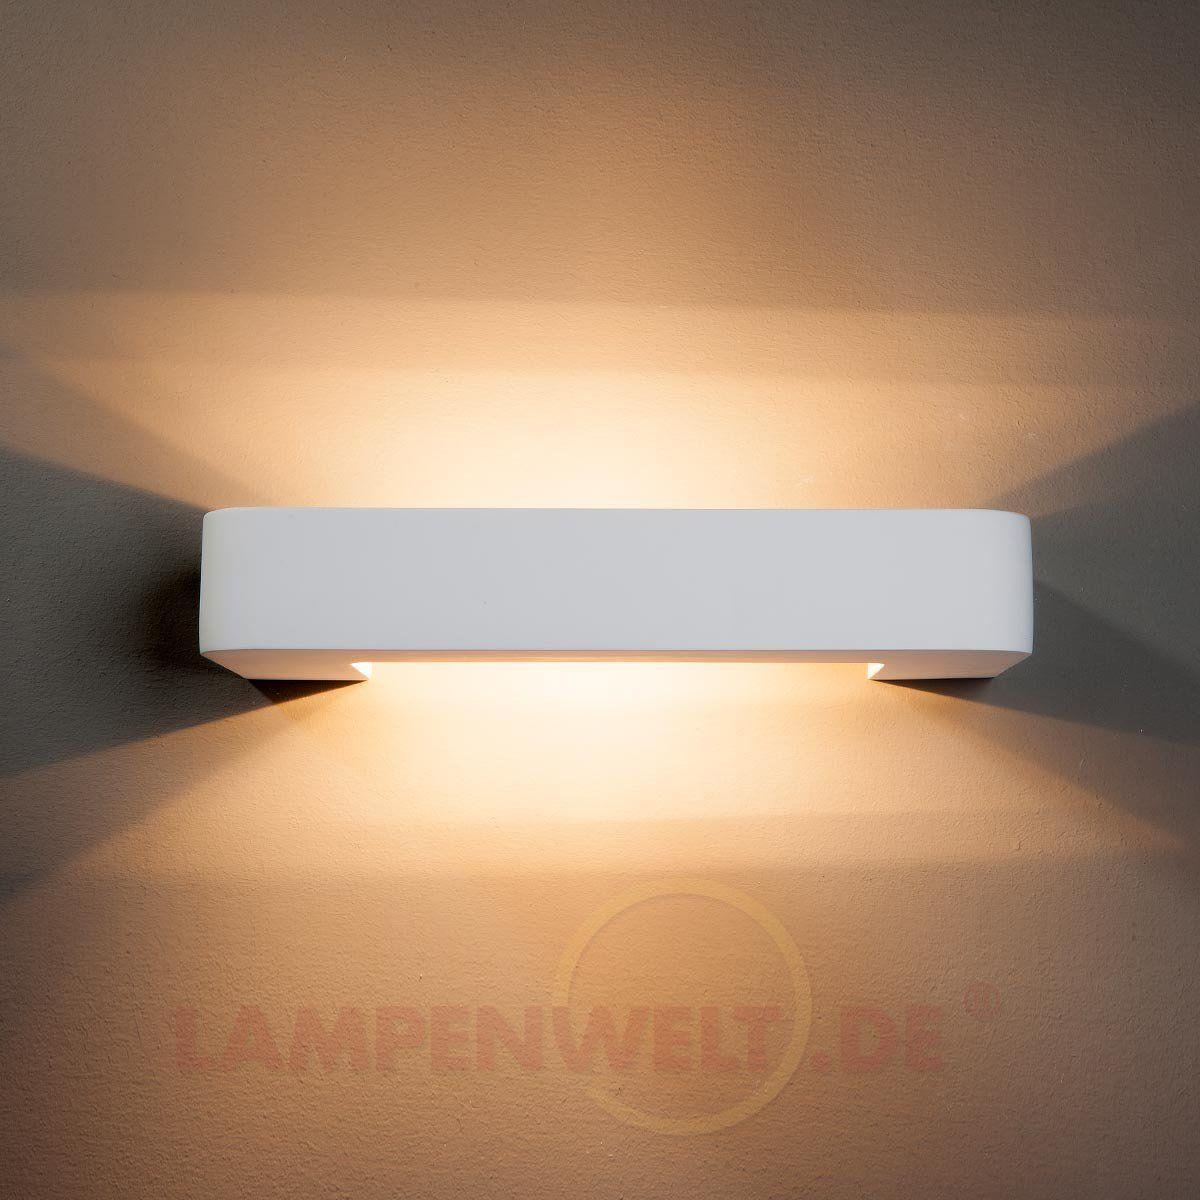 Moderner Led Spot Livius Mit Glasplatte Kaufen Lampen Wandleuchte Lampen Und Leuchten